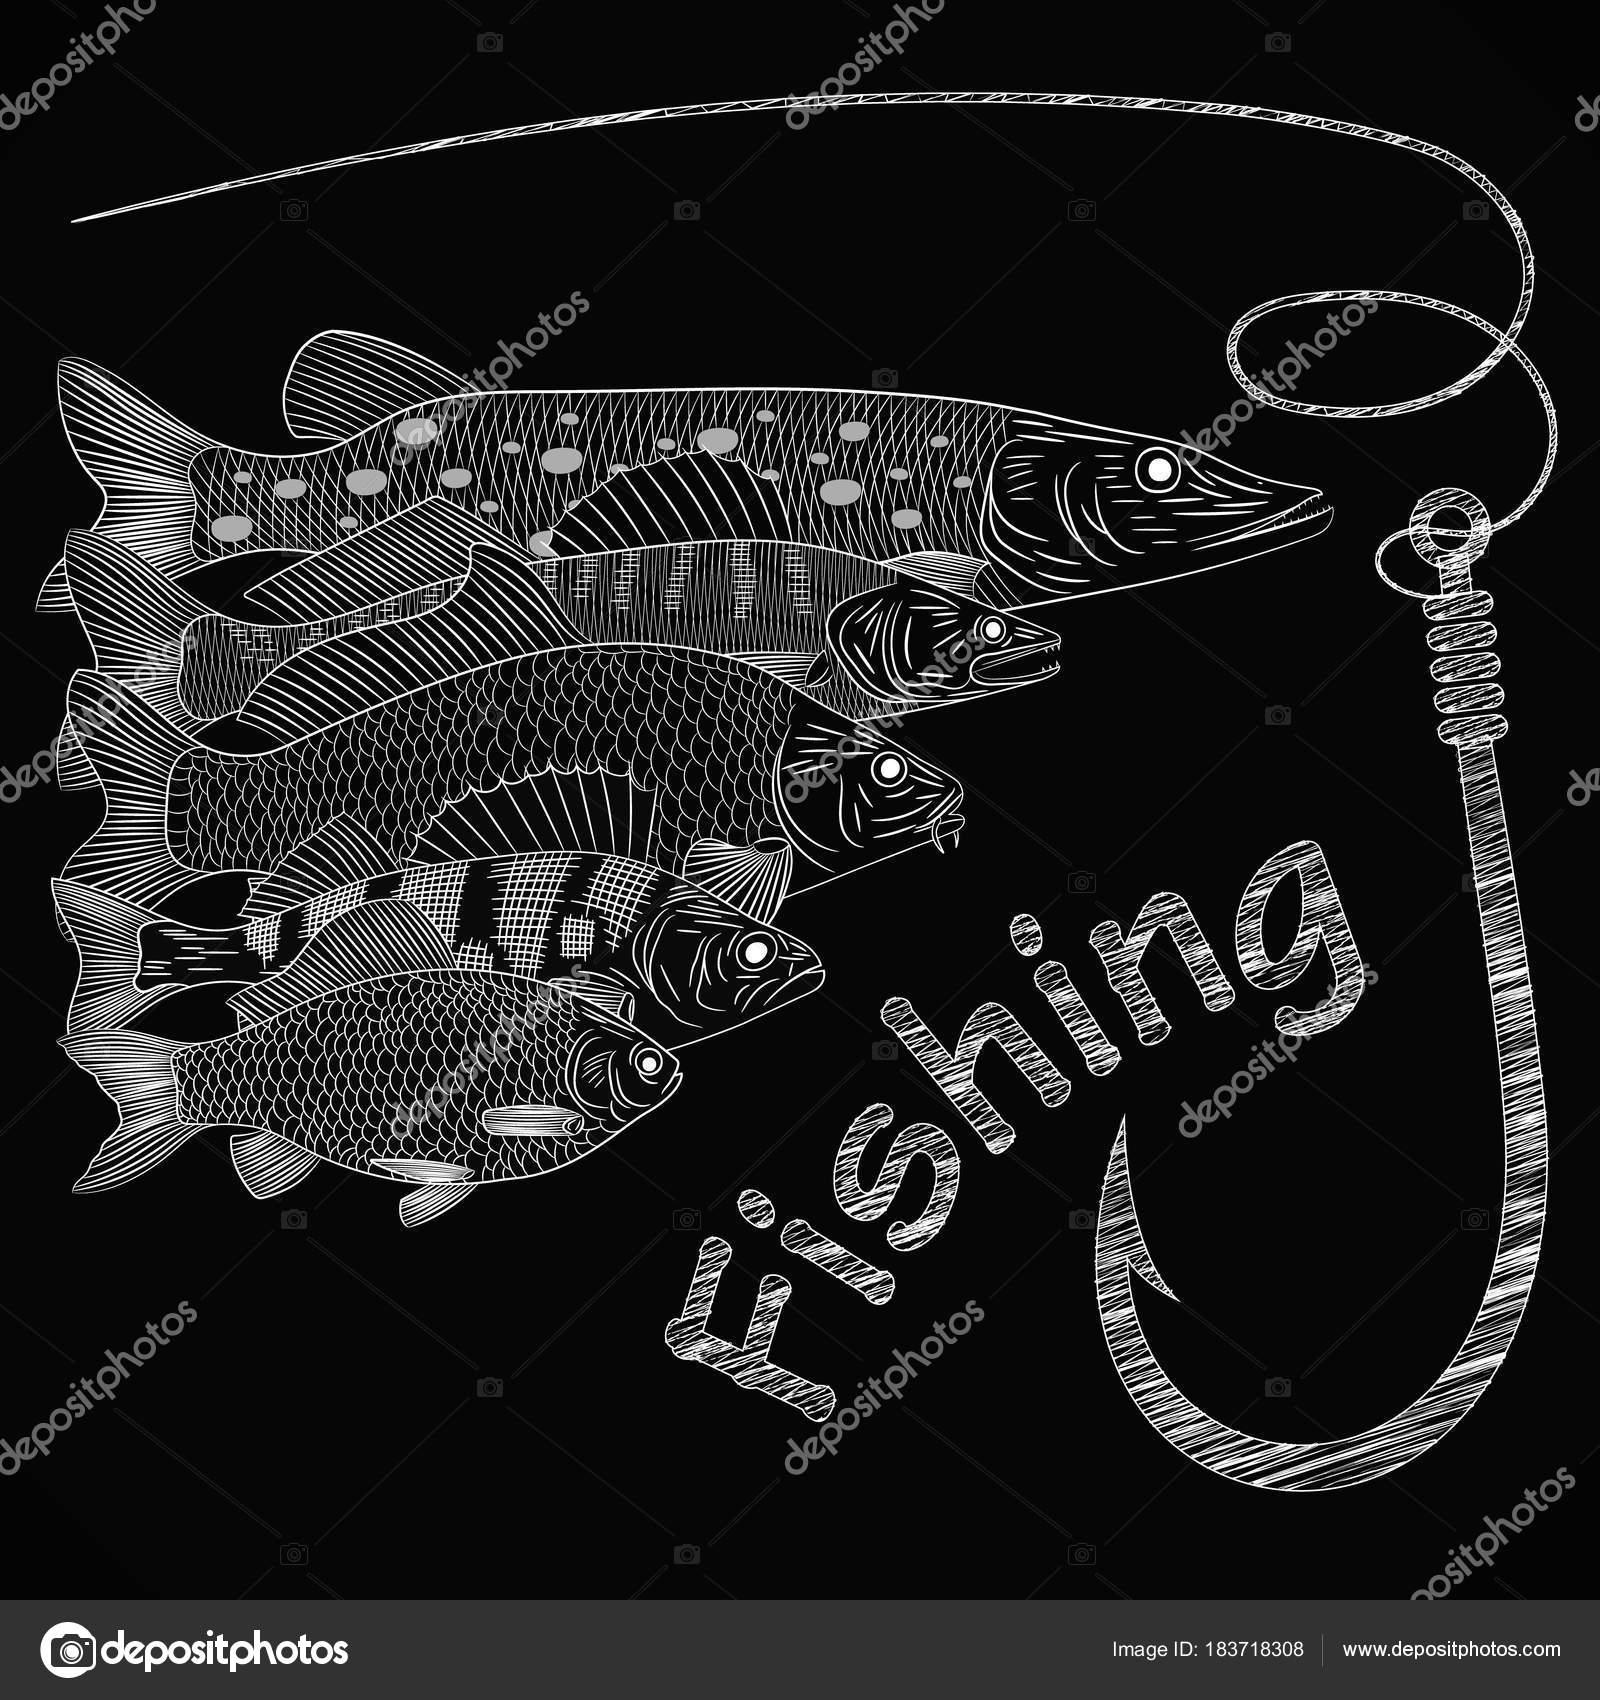 Kresba Tema Lov Sladkovodnich Ryb Stika Candat Okoun Kapr Karas